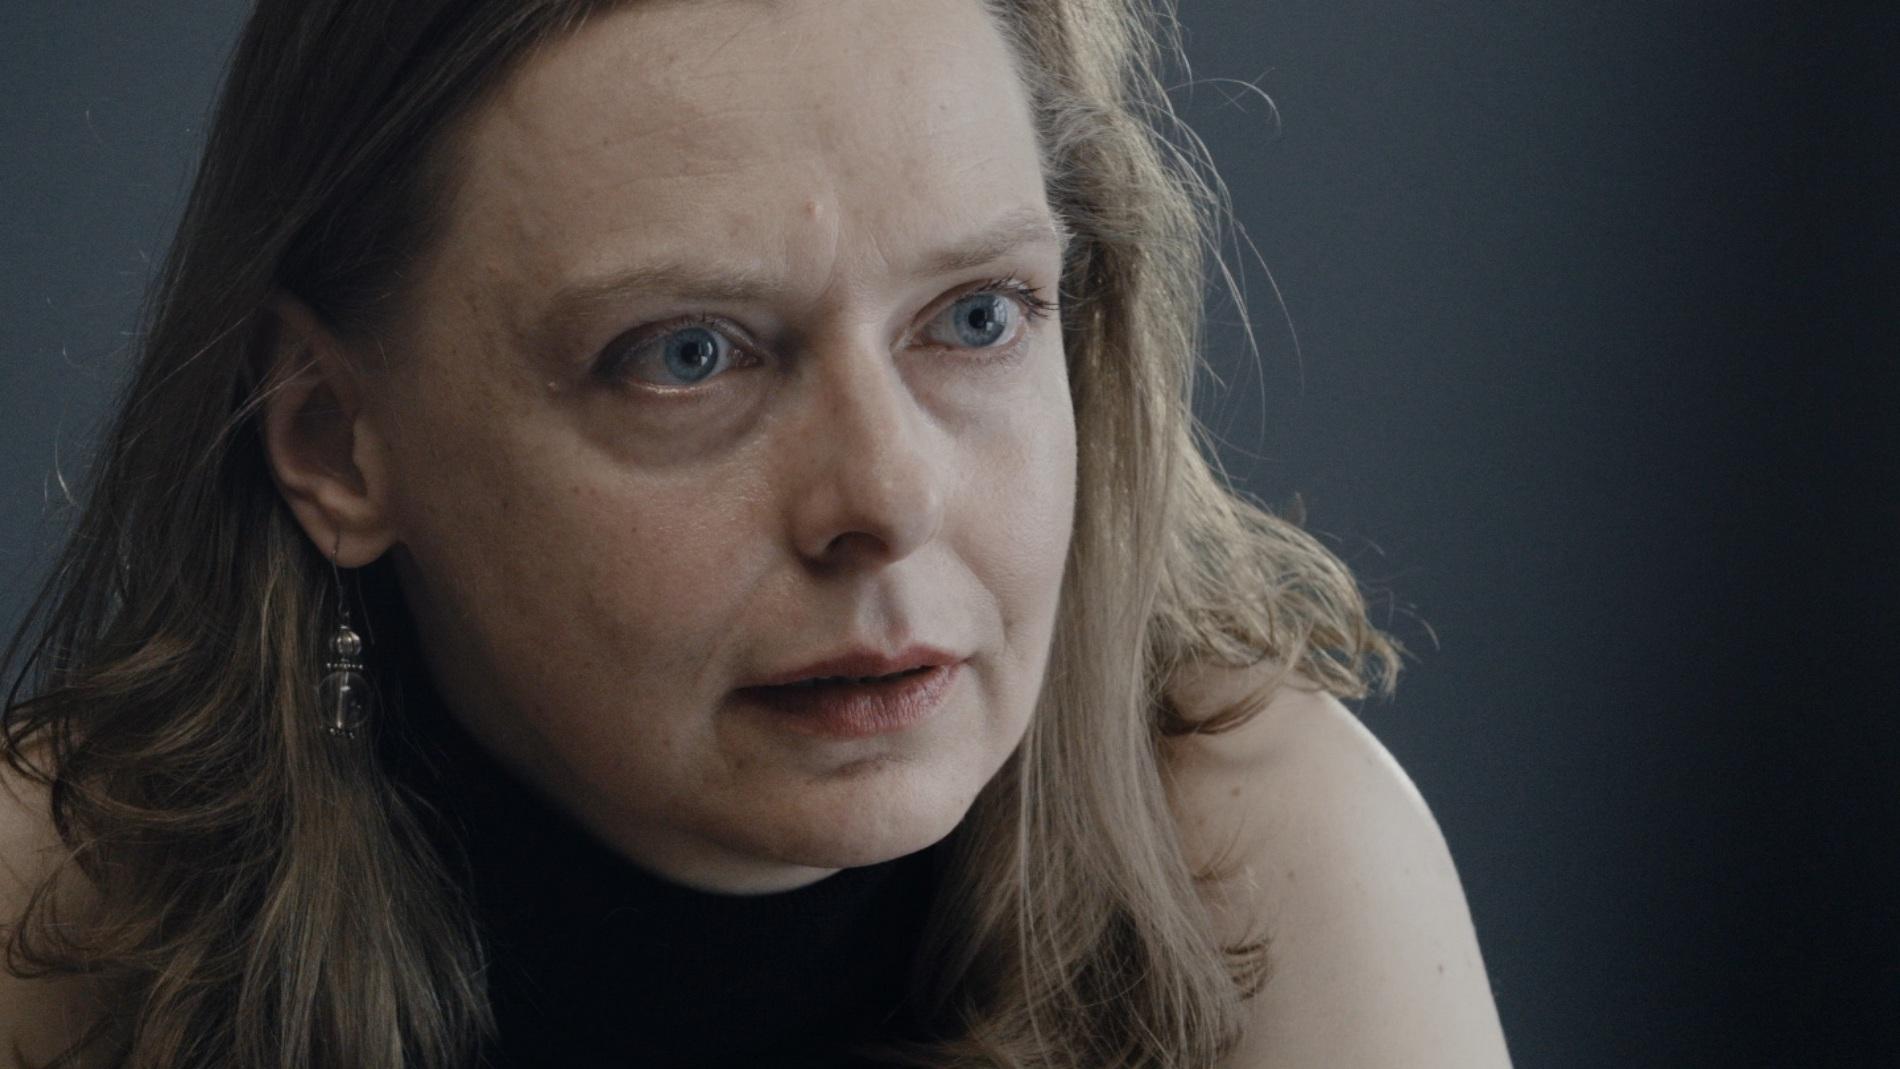 """Paweł Łoziński, """"Nawet nie wiesz jak bardzo Cię kocham"""" – kadr filmu (źródło: materiały prasowe dystrybutora)"""